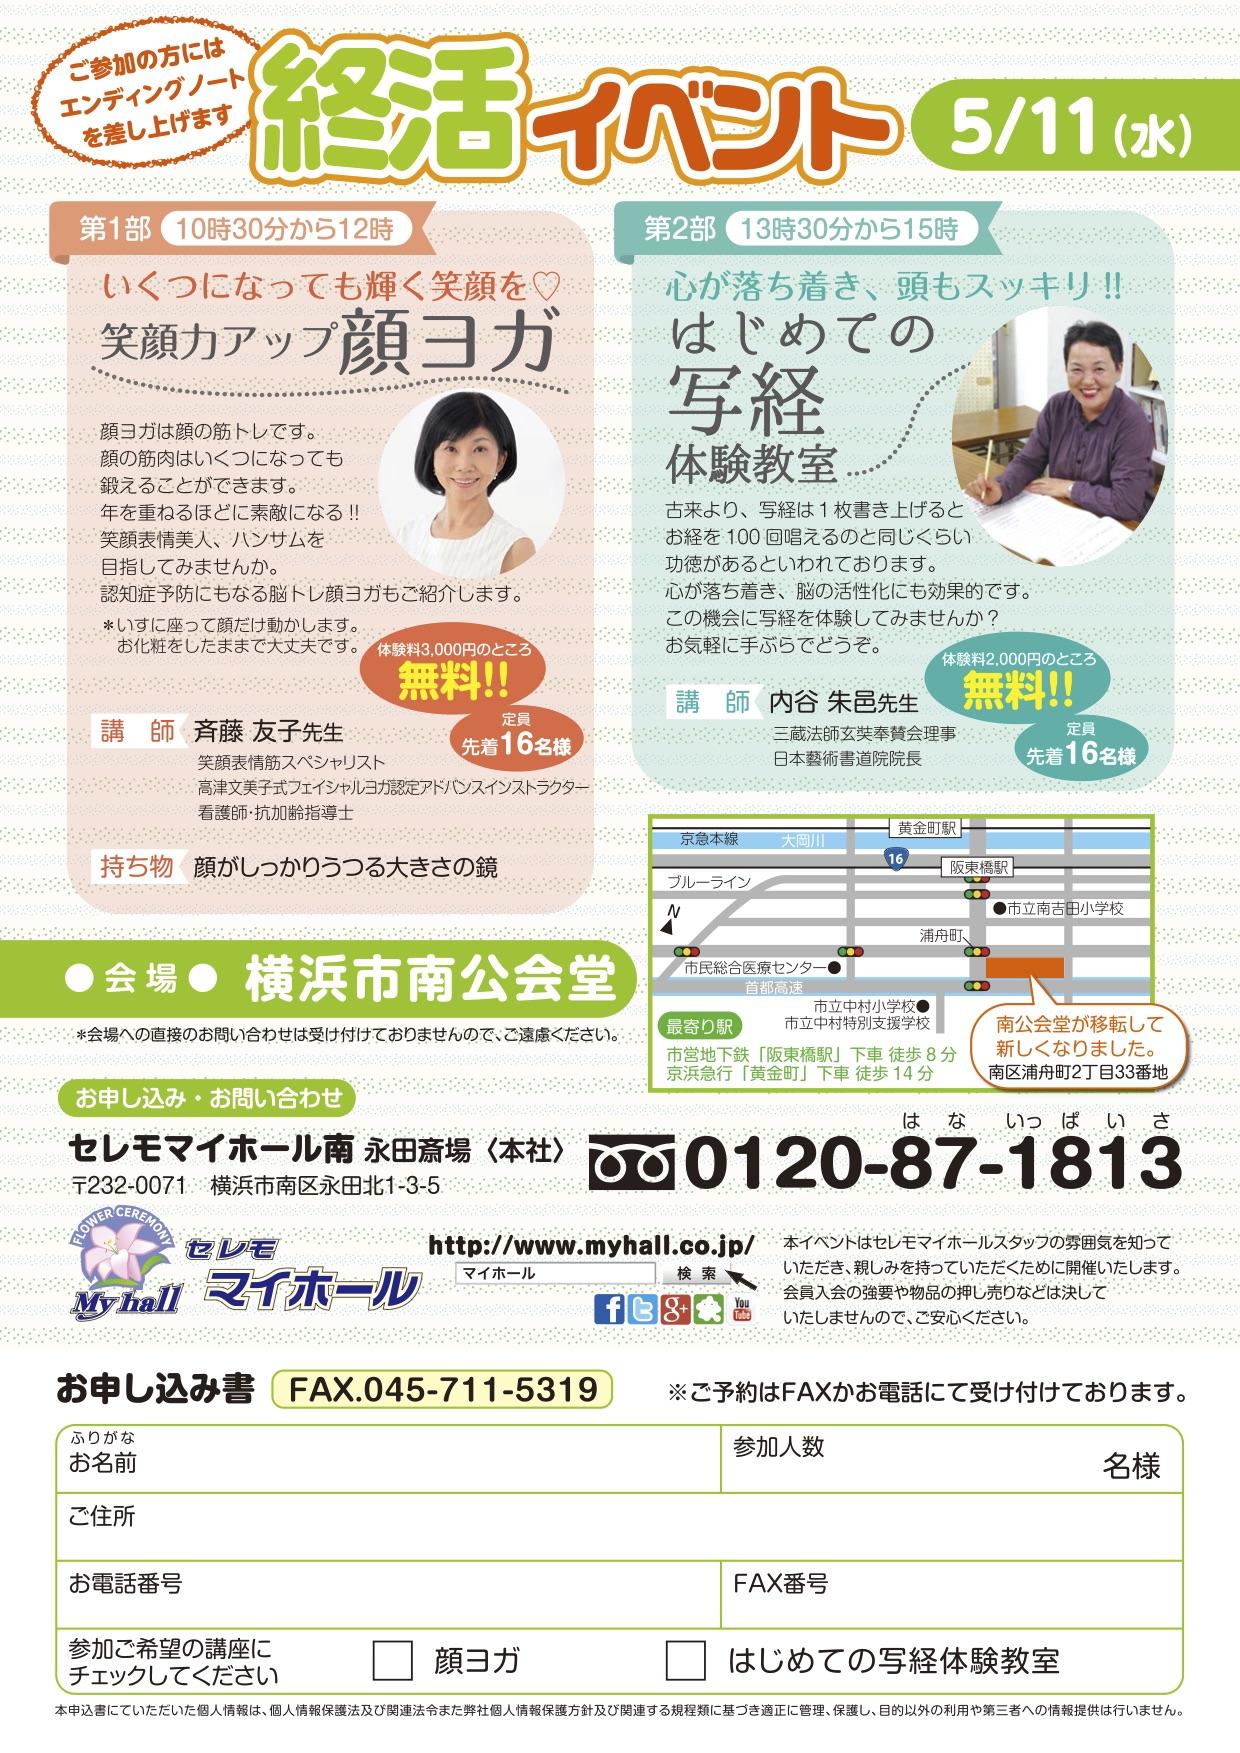 2016_05_11永田店イベントチラシA4